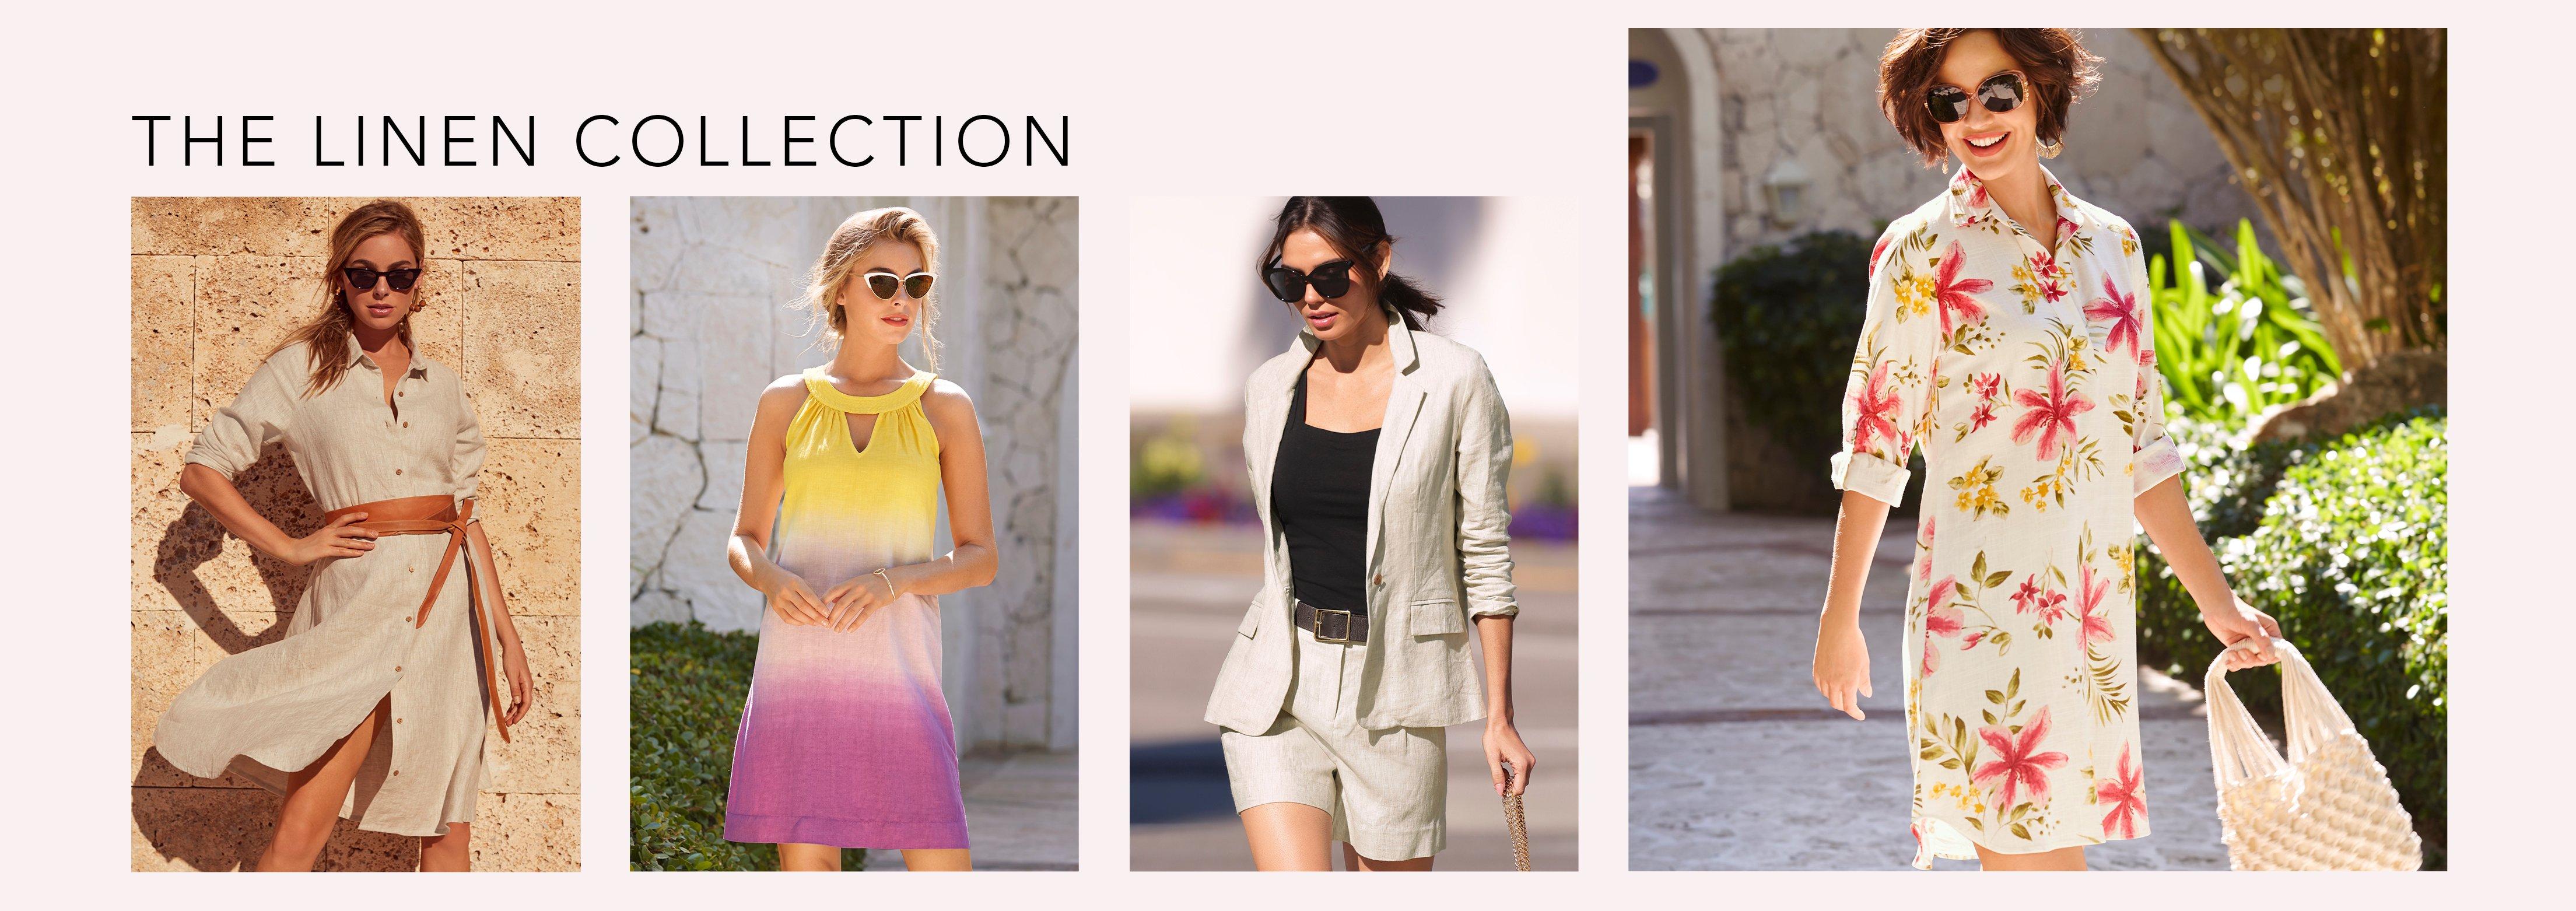 Shop our Linen Collection